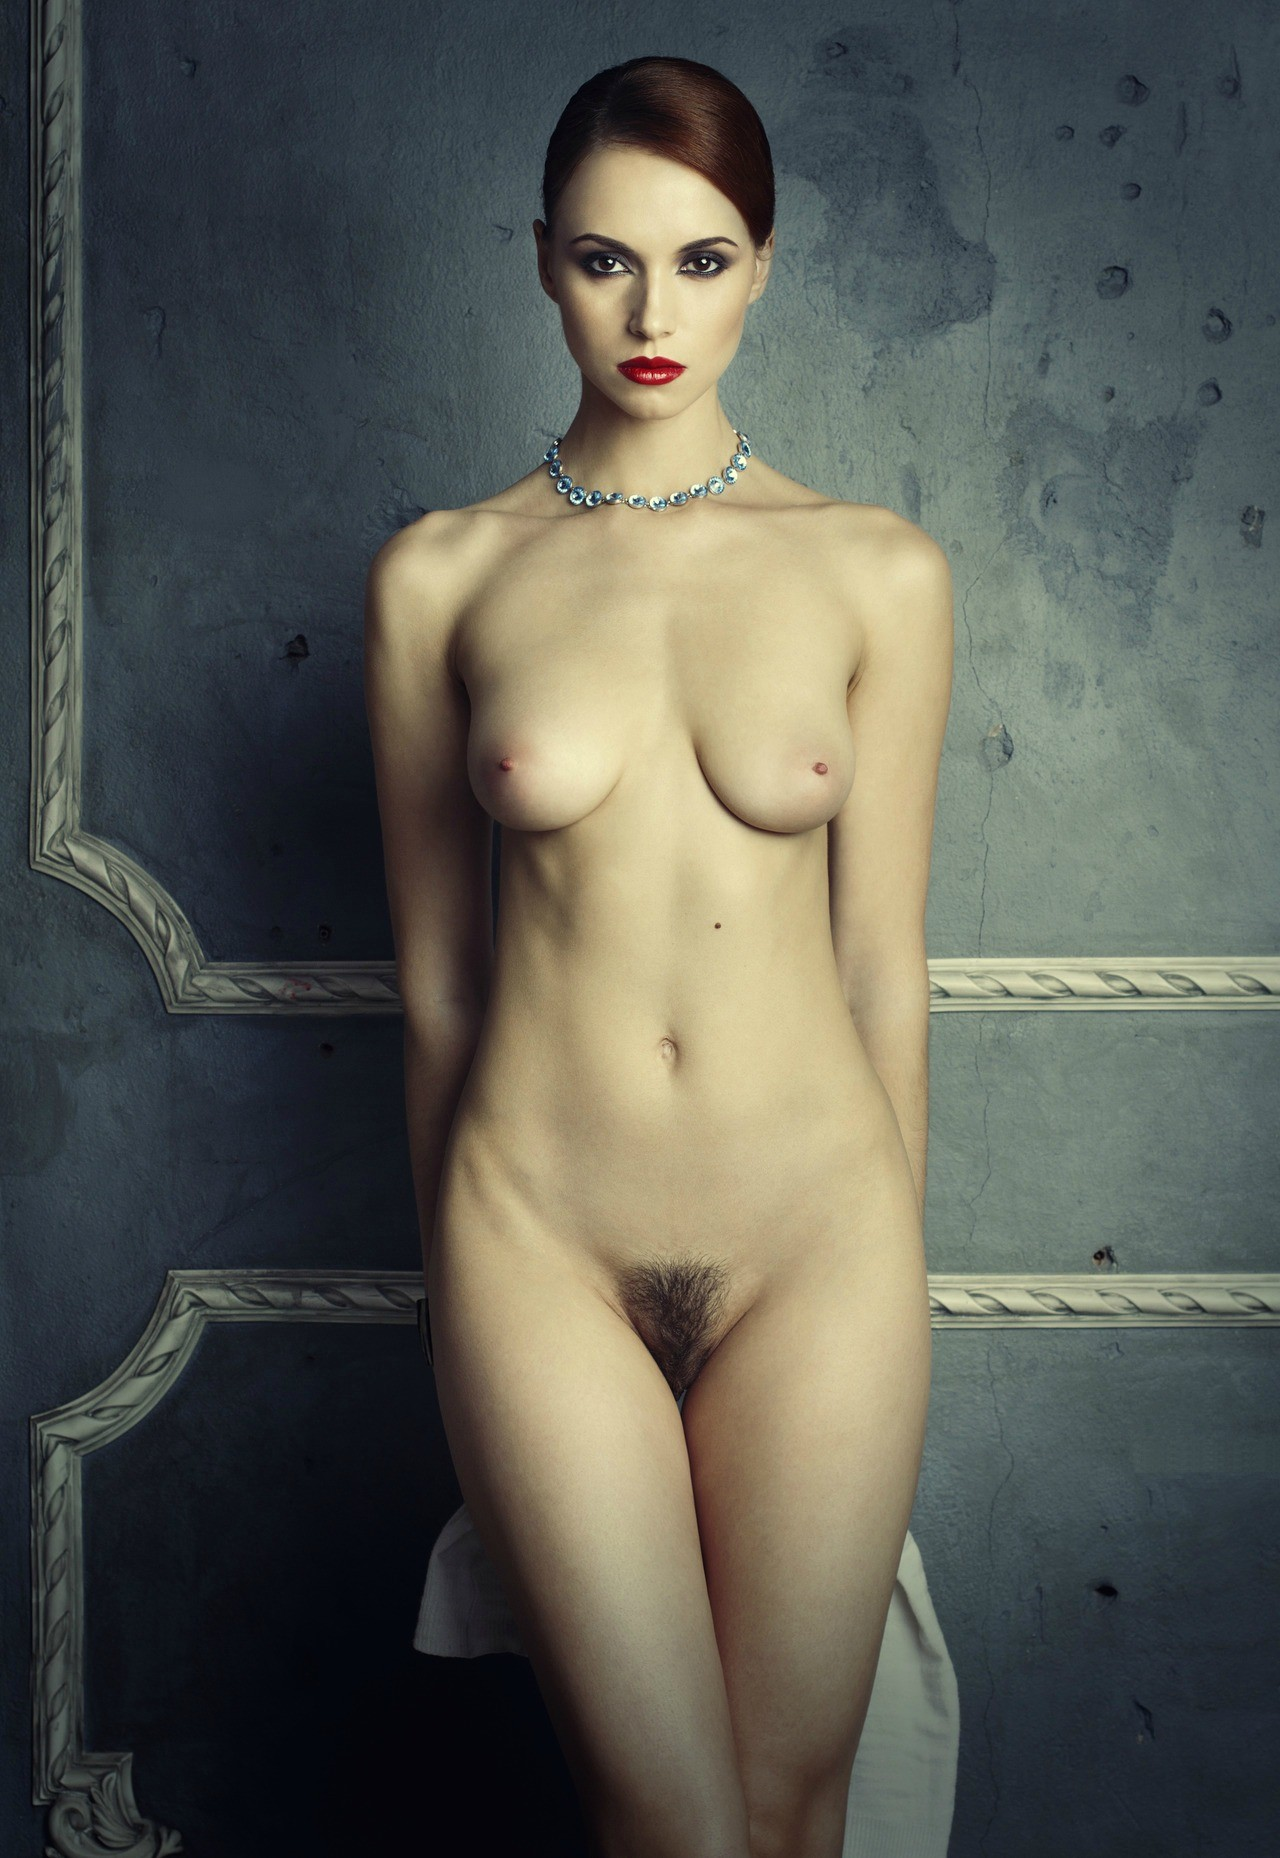 femme stricte nue